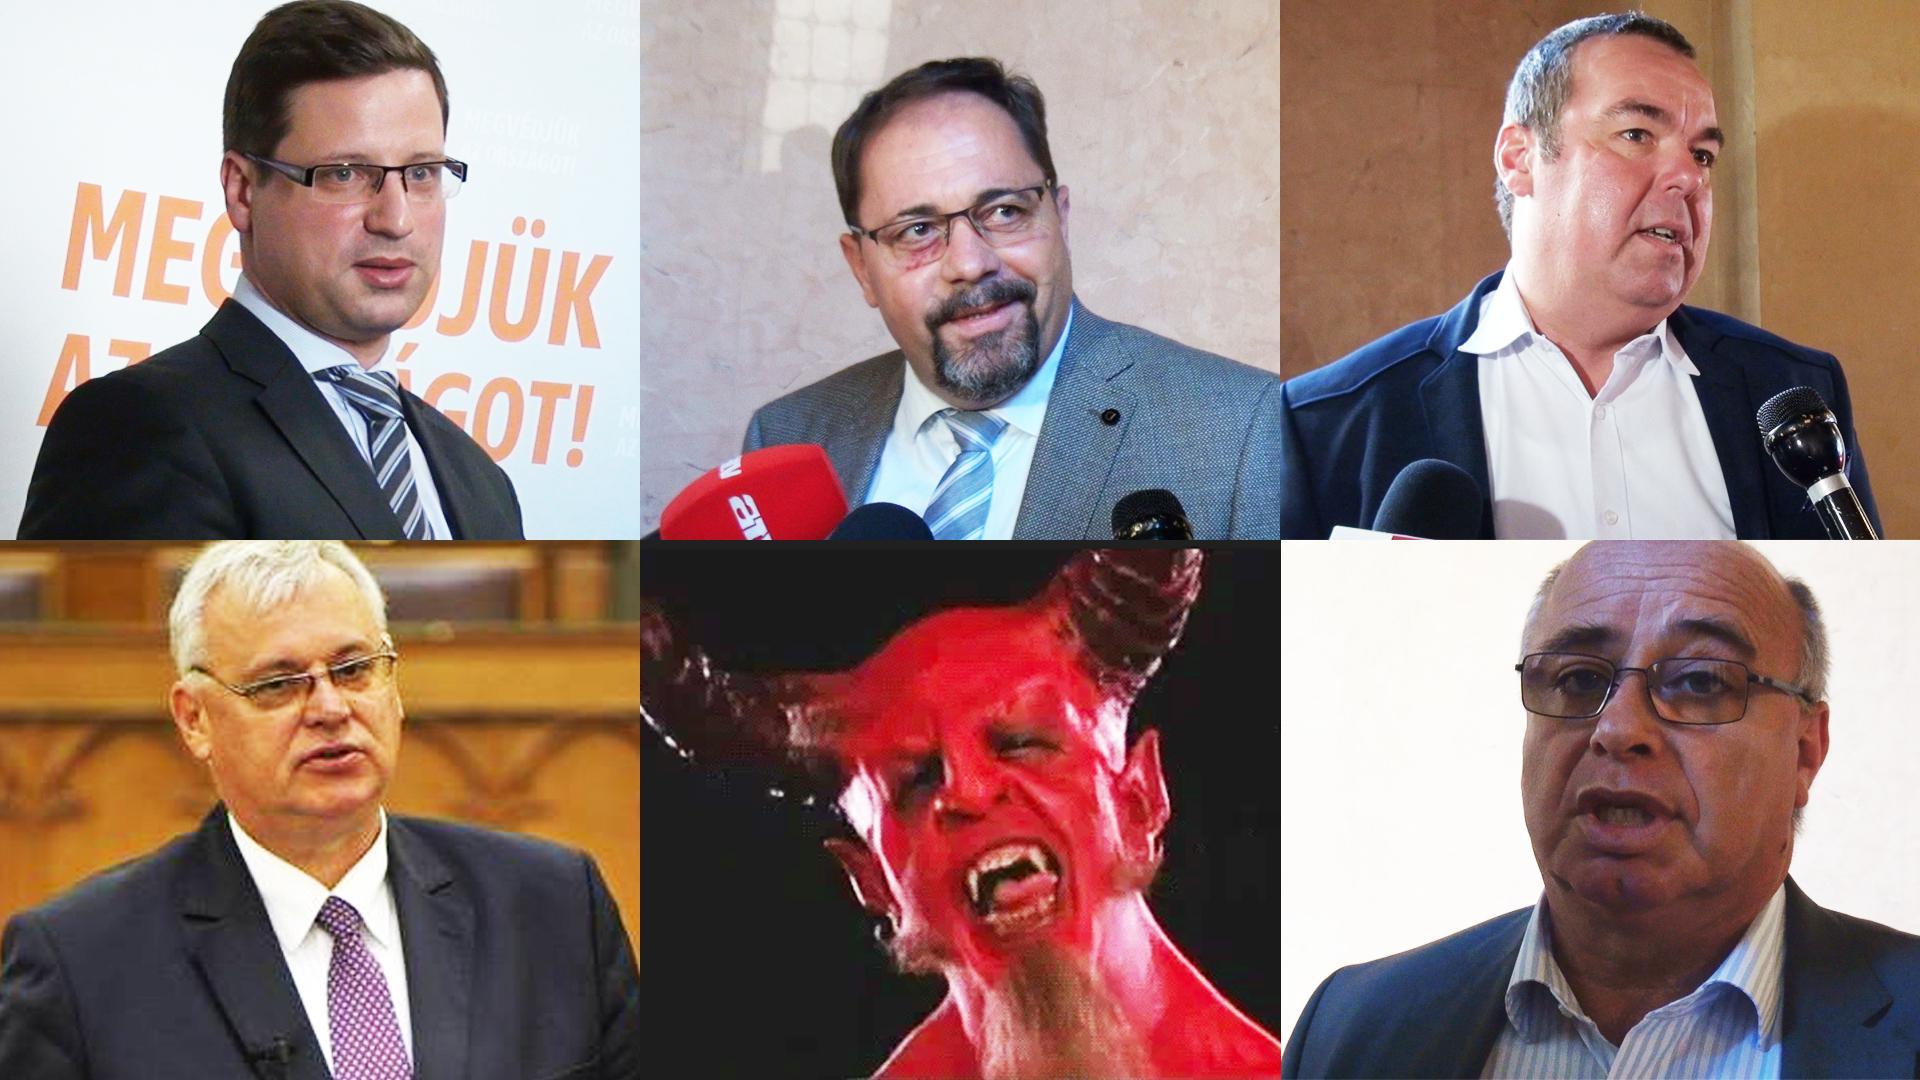 Frakcióvezető úr, akkor beszéljünk csak a sátánosról!